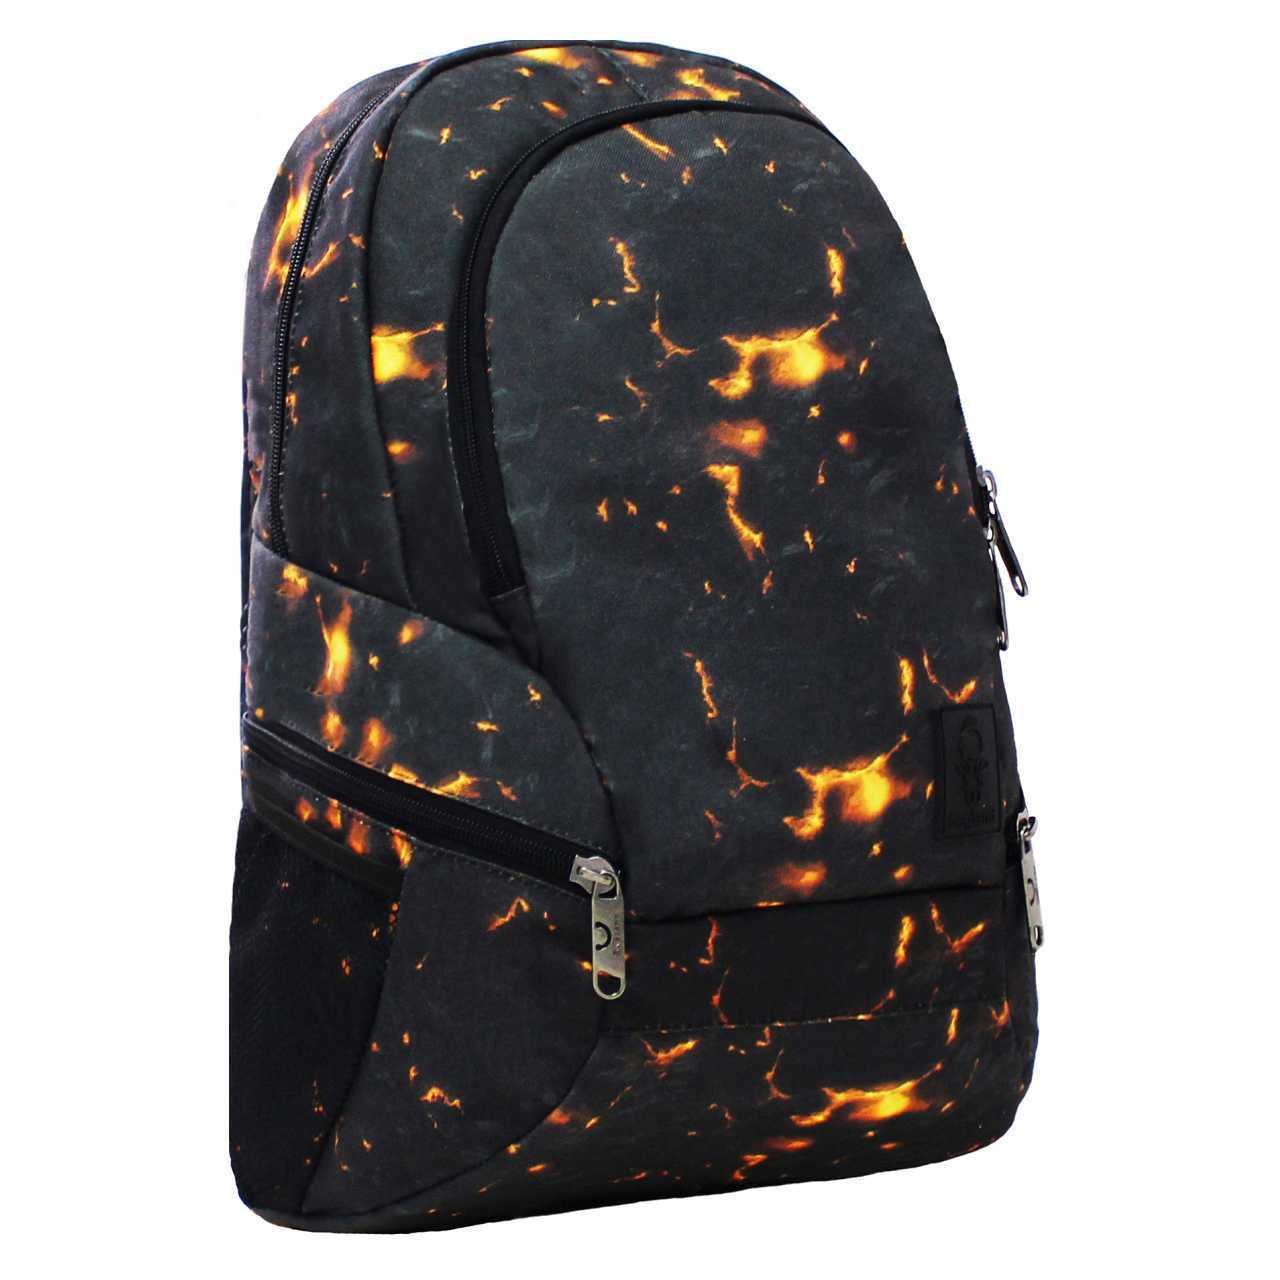 Городские рюкзаки Рюкзак Bagland Urban 20 л. сублимация (лава) (00530664) IMG_5855__2_.jpg